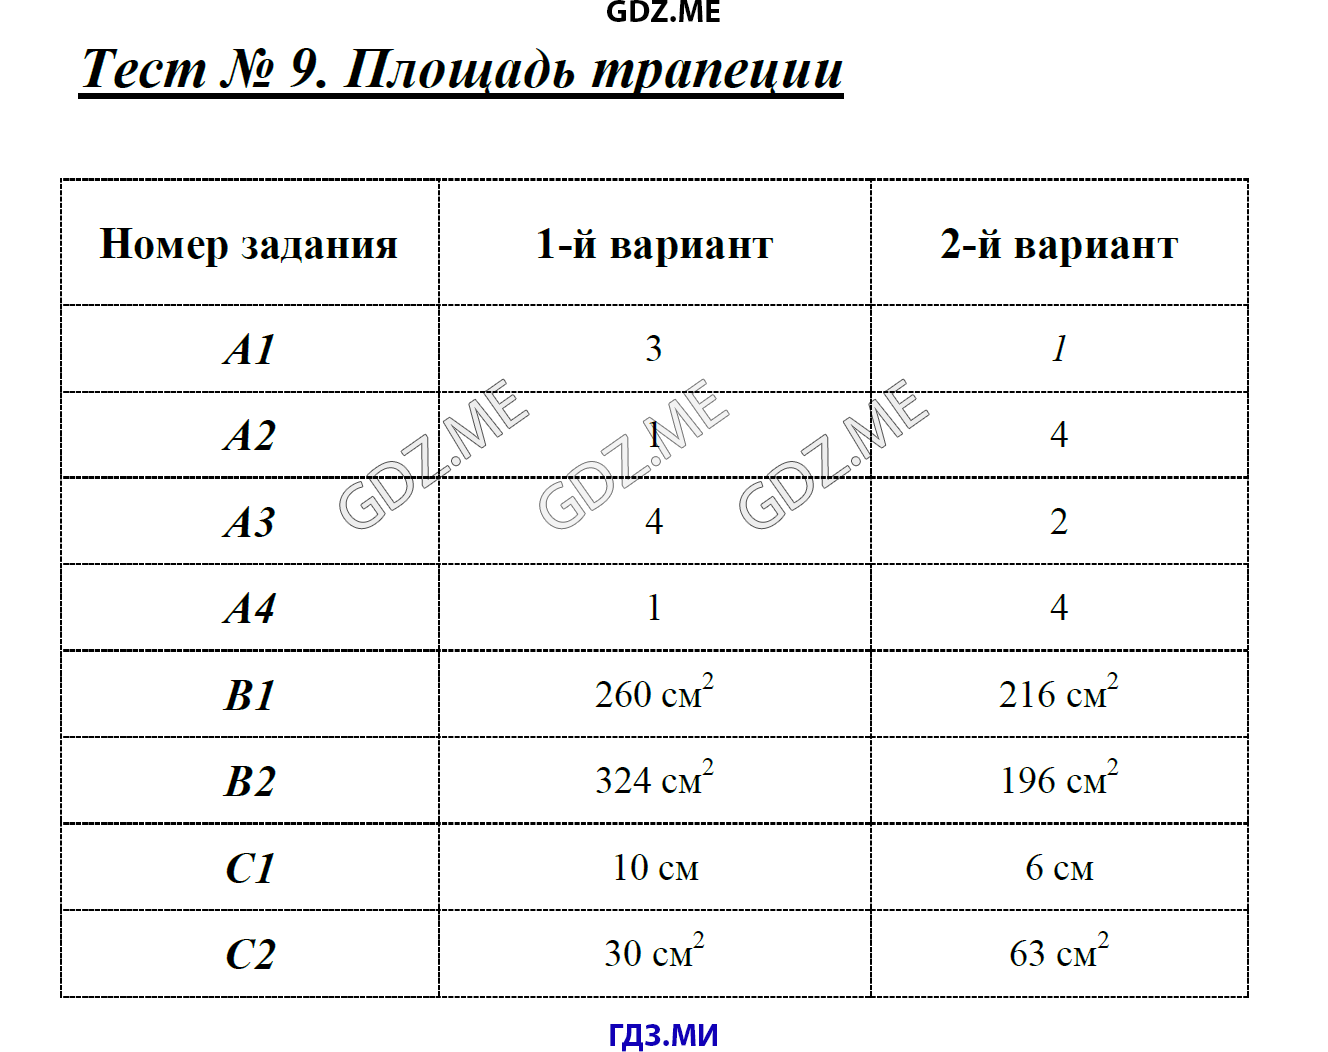 Тест по геометрии 8 класс по теме площадь гдз